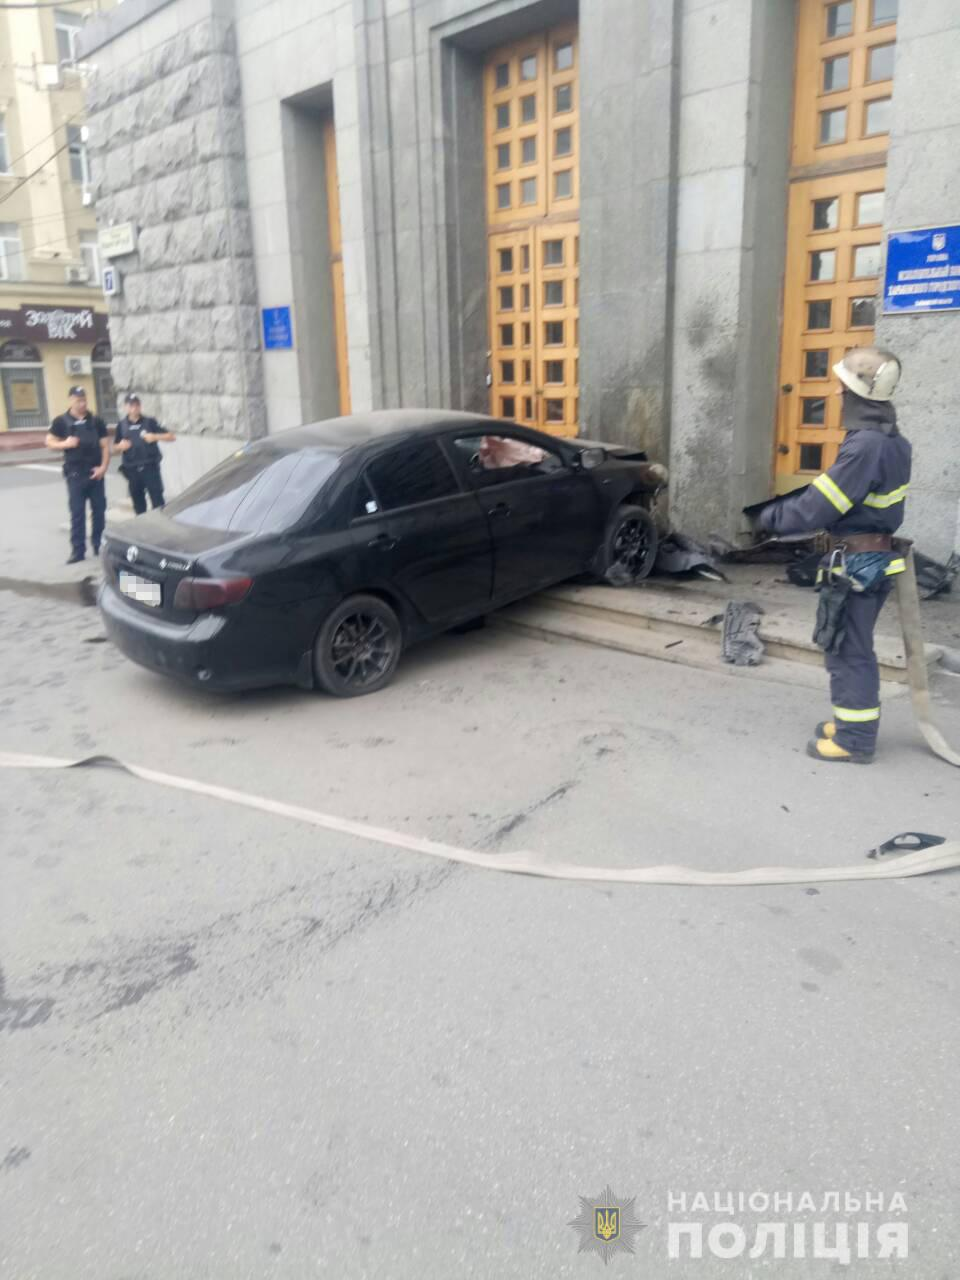 ДТП у Харкові: у будівлю міськради в'їхало авто